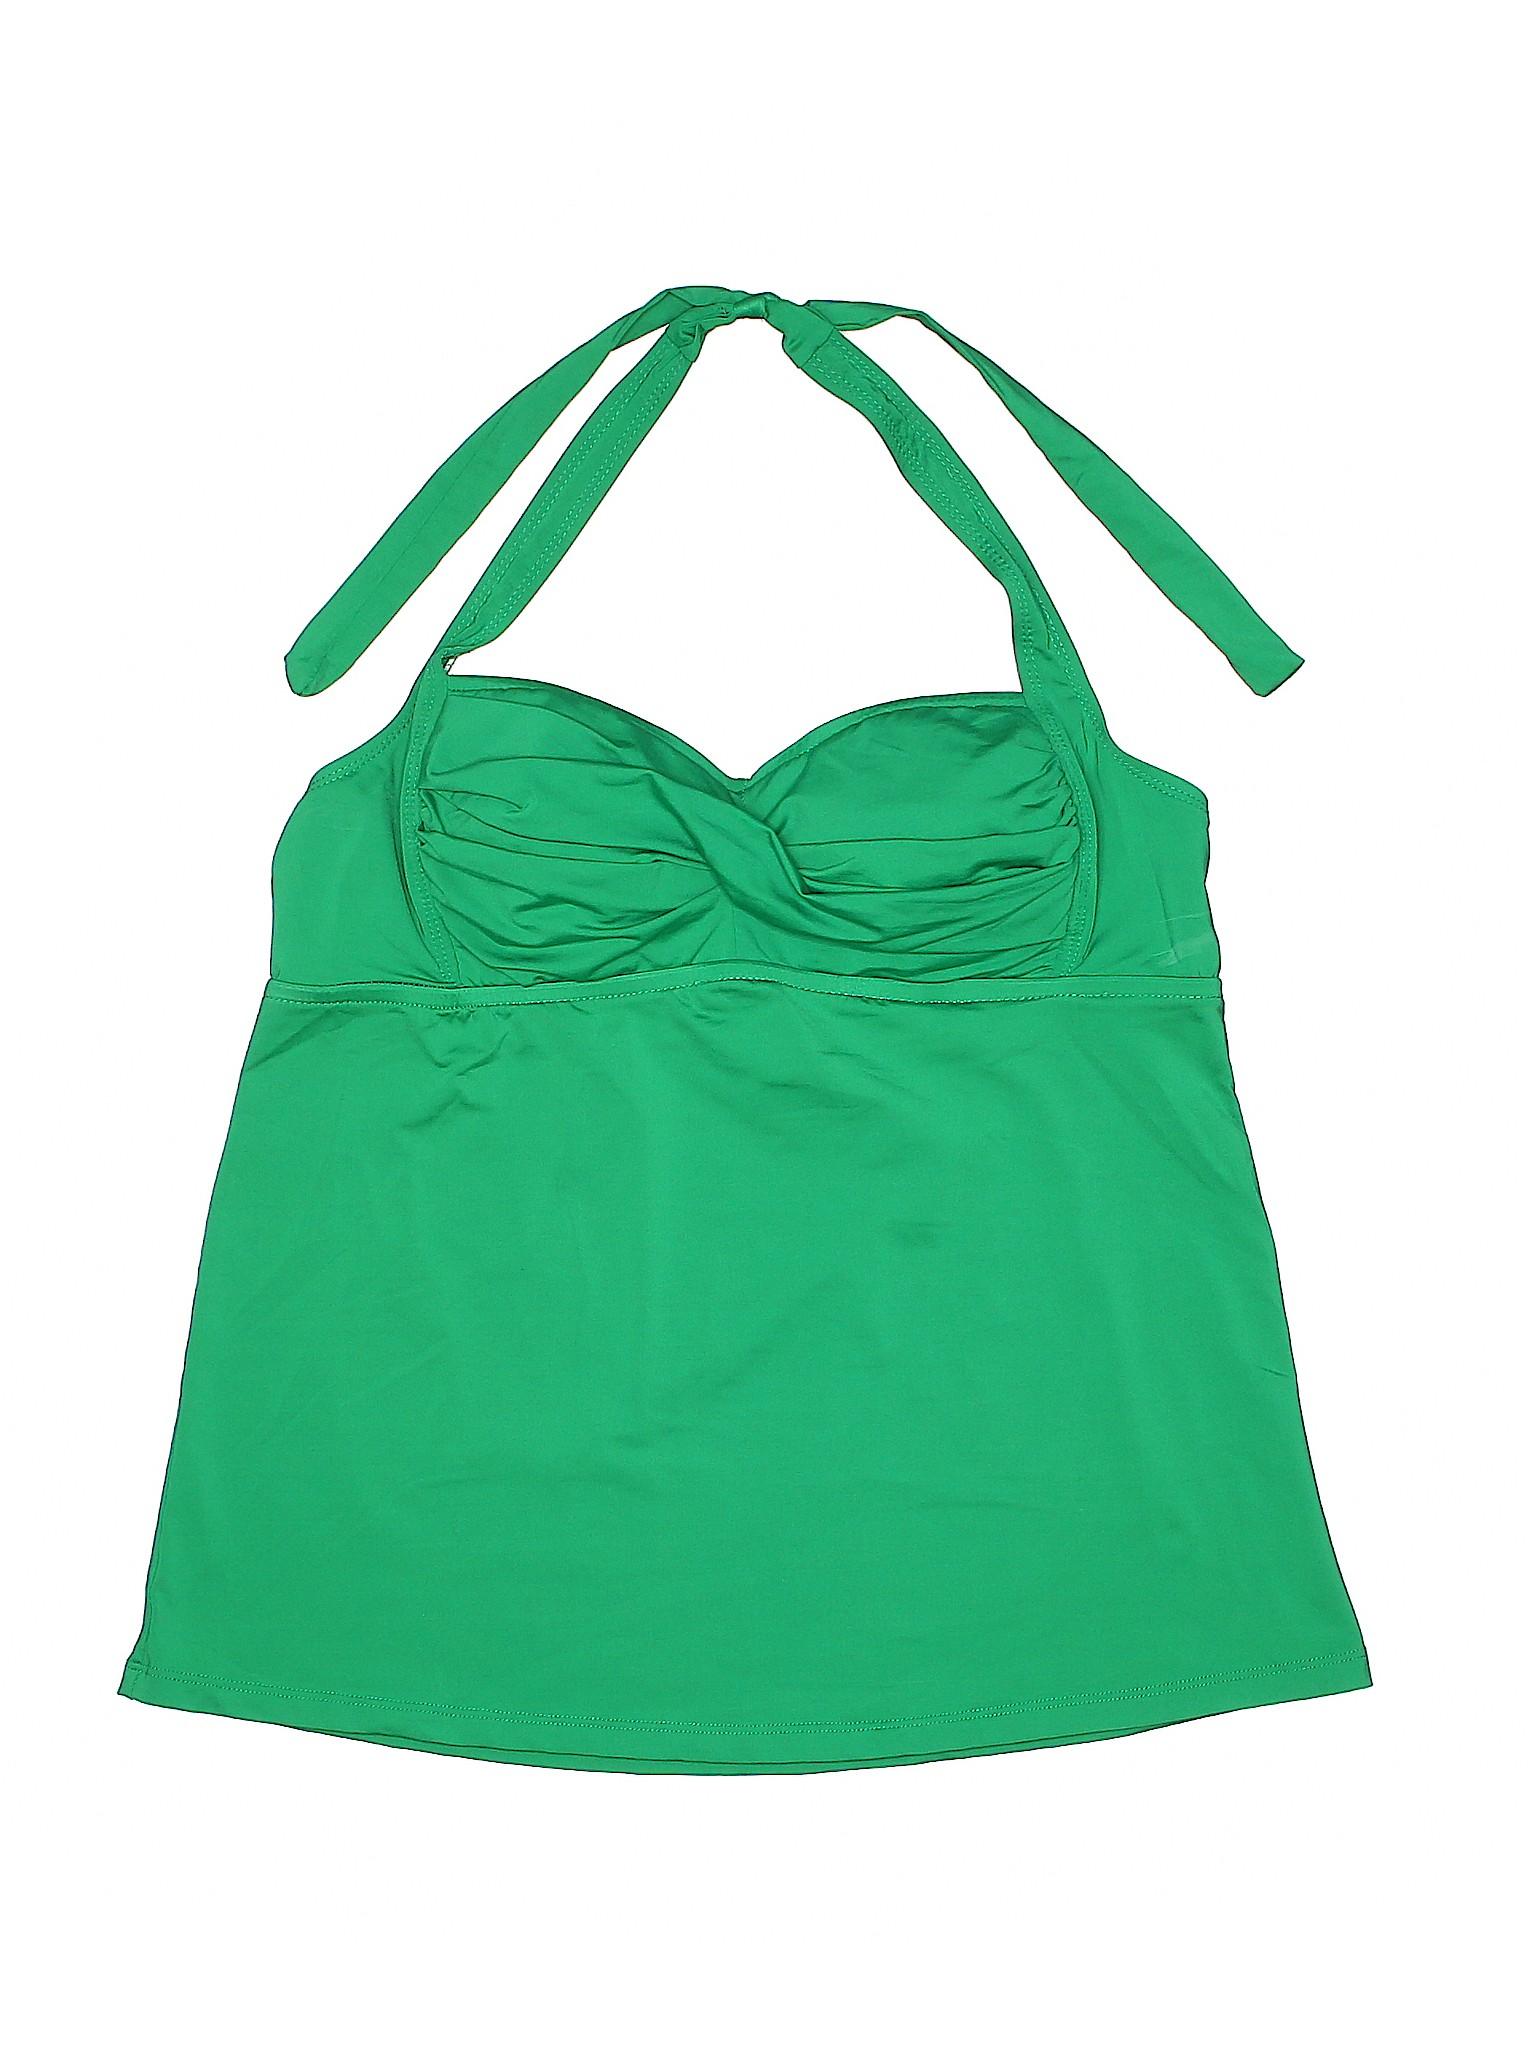 Swimsuit Bisou Boutique Bisou Boutique Top Bisou 1wxBq7qI